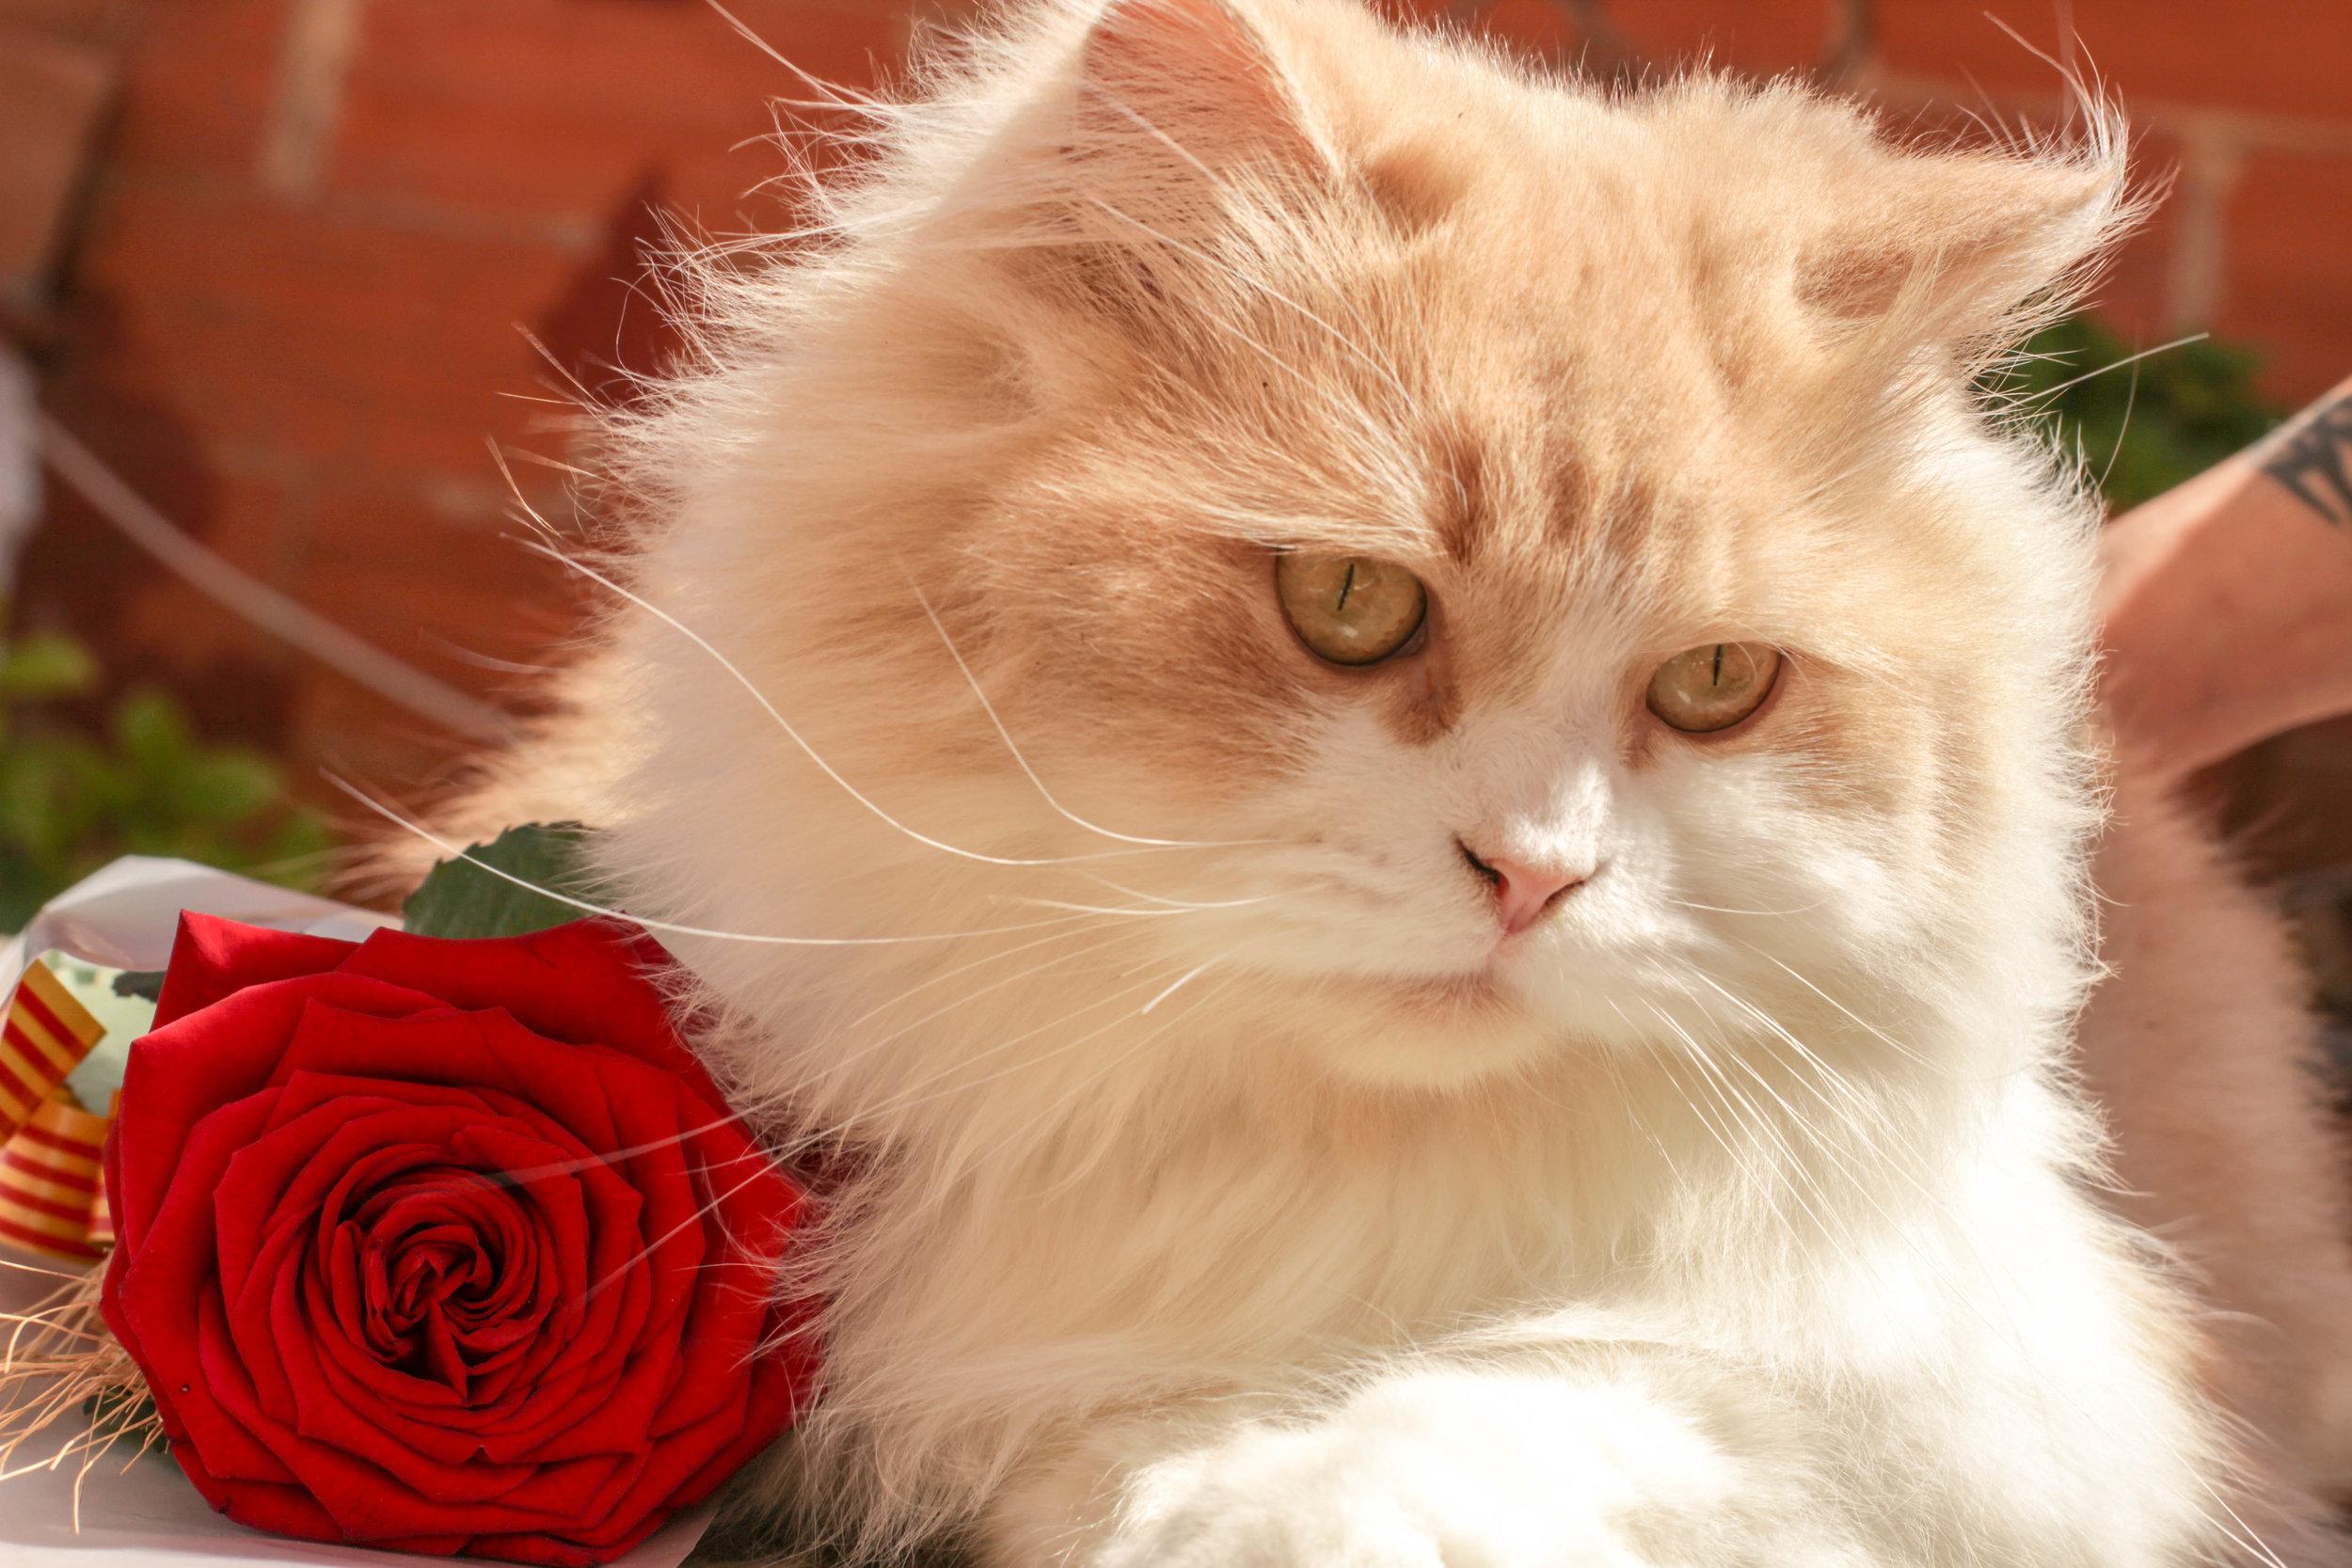 Cat & Roses